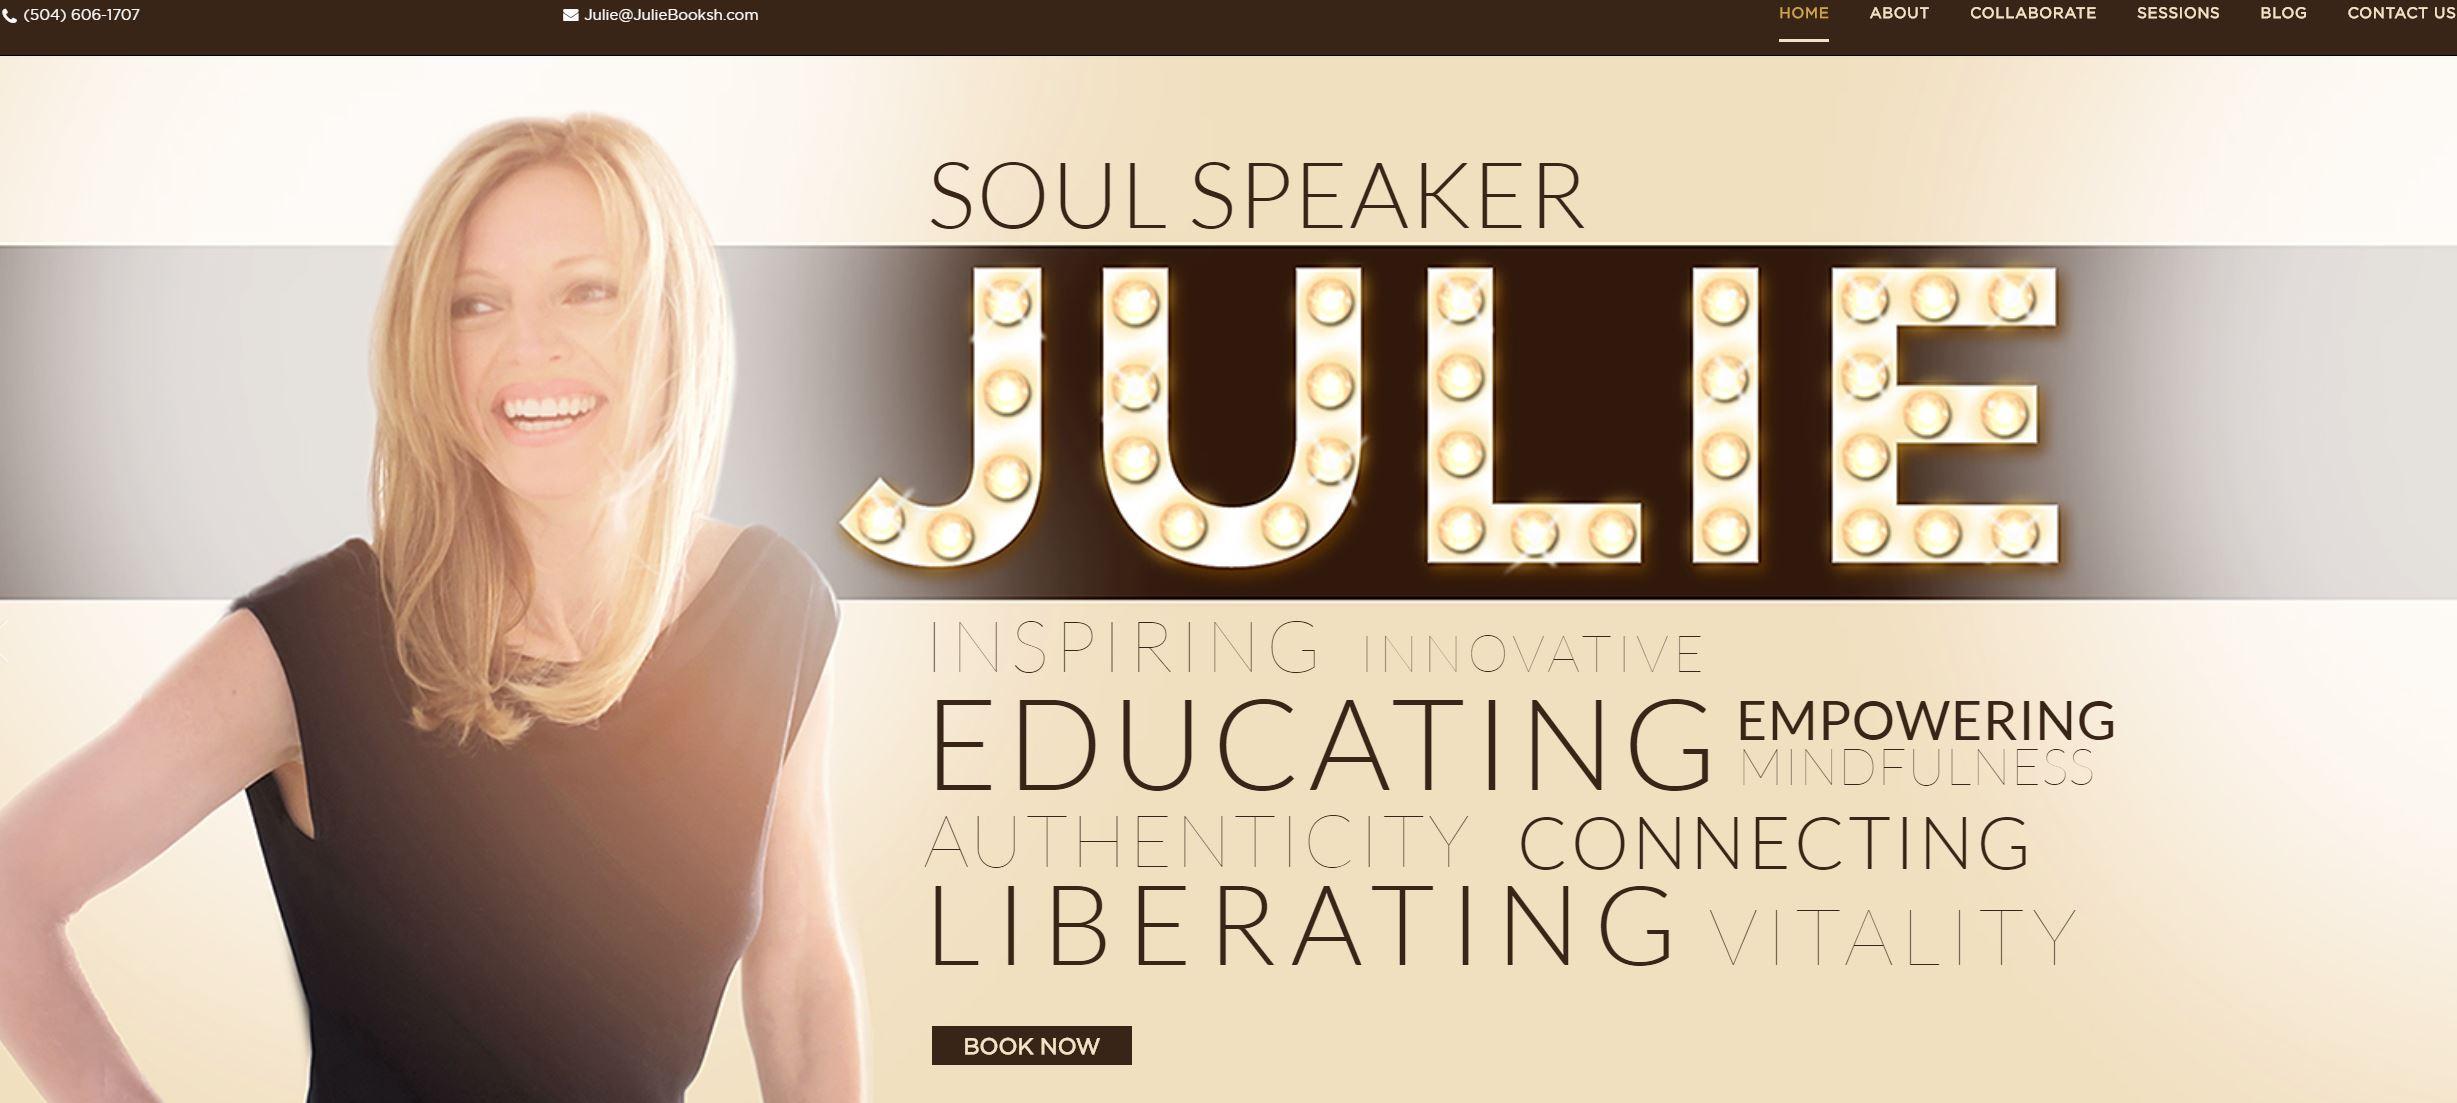 OMA Comp Julie Booksh website design